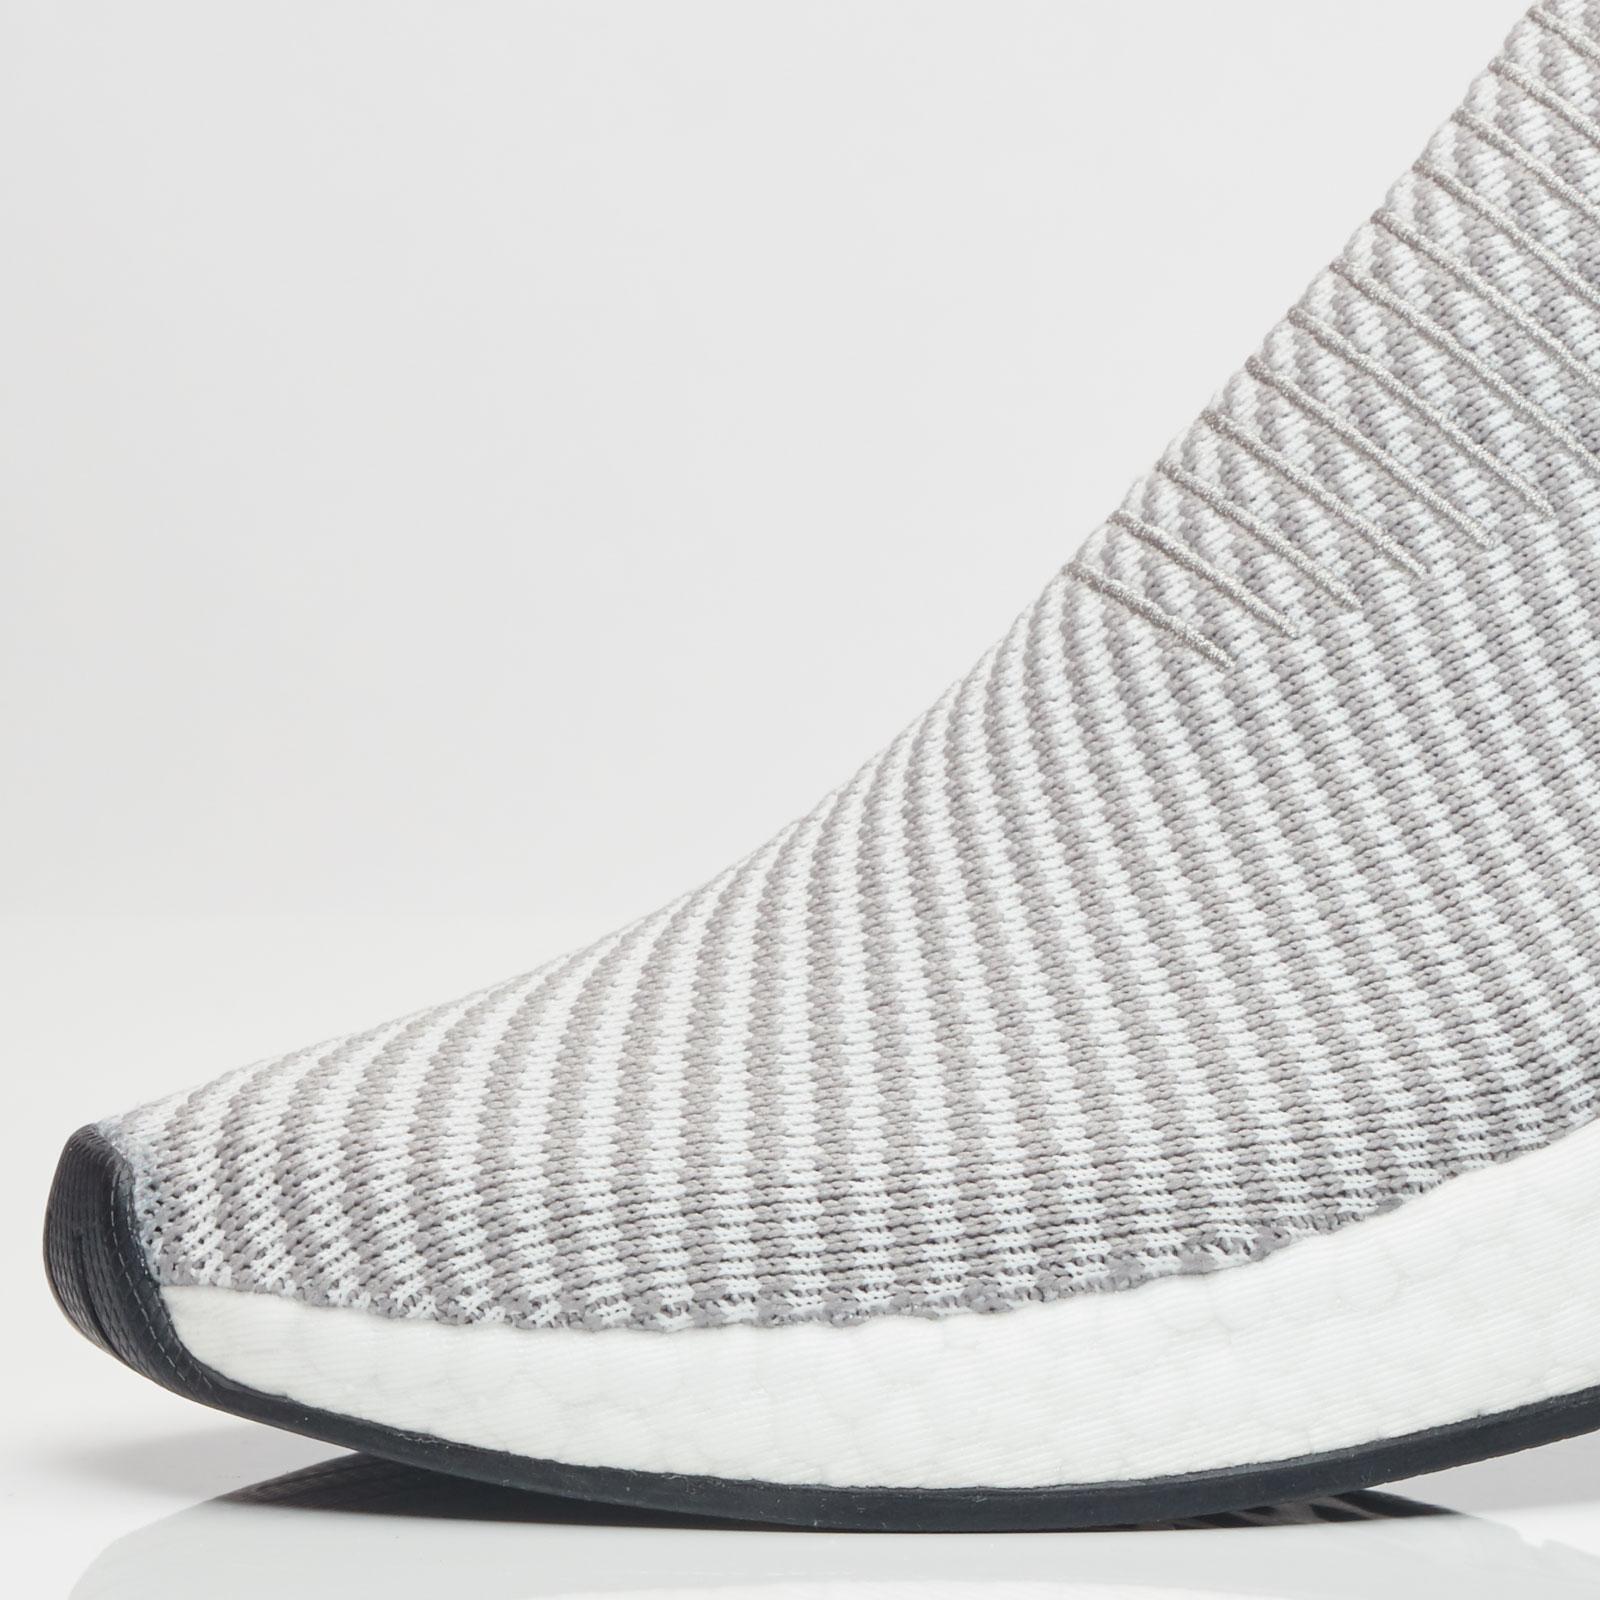 9b1da0e983e adidas NMD CS2 PK - Ba7187 - Sneakersnstuff